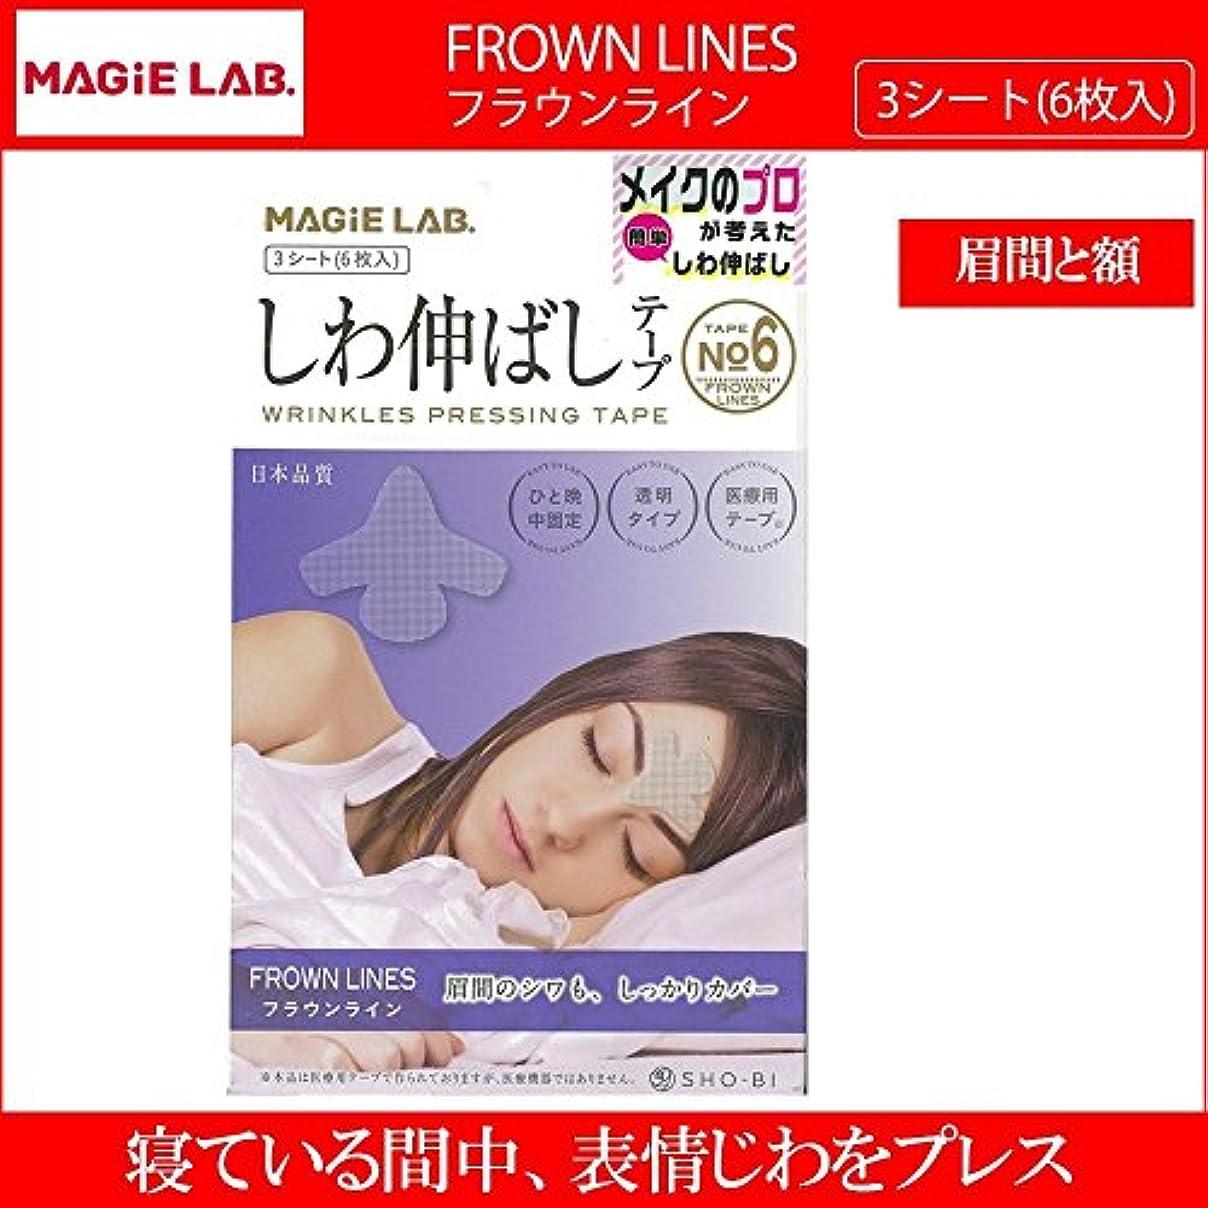 所属美人要求するMAGiE LAB.(マジラボ) しわ伸ばしテープ NO.6 FROWN LINES(フラウンライン) 3シート(6枚入) MG22150